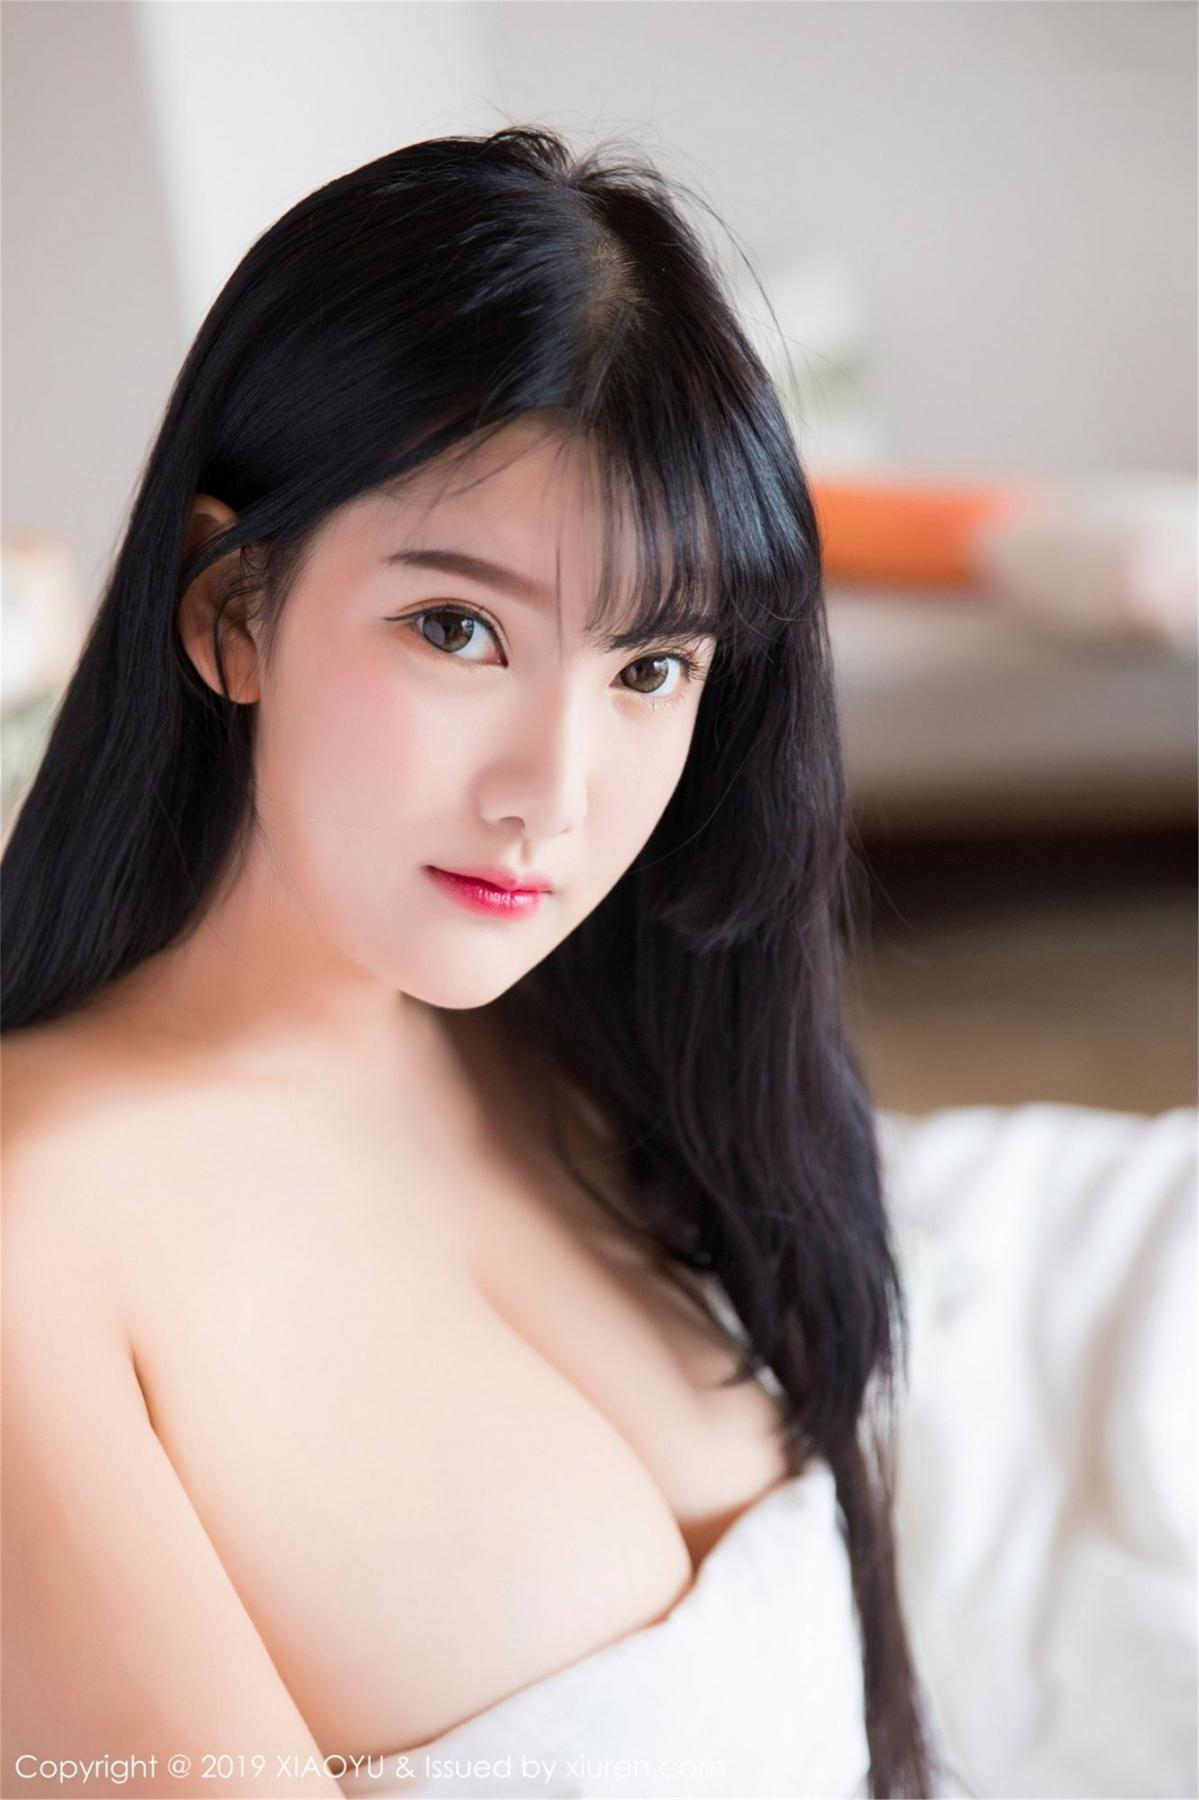 [XiaoYu] Vol.070 Lu Lu Xiao Miao 5P, Baby Face Big Boobs, Lovely, Lu Lu Xiao Miao, XiaoYu